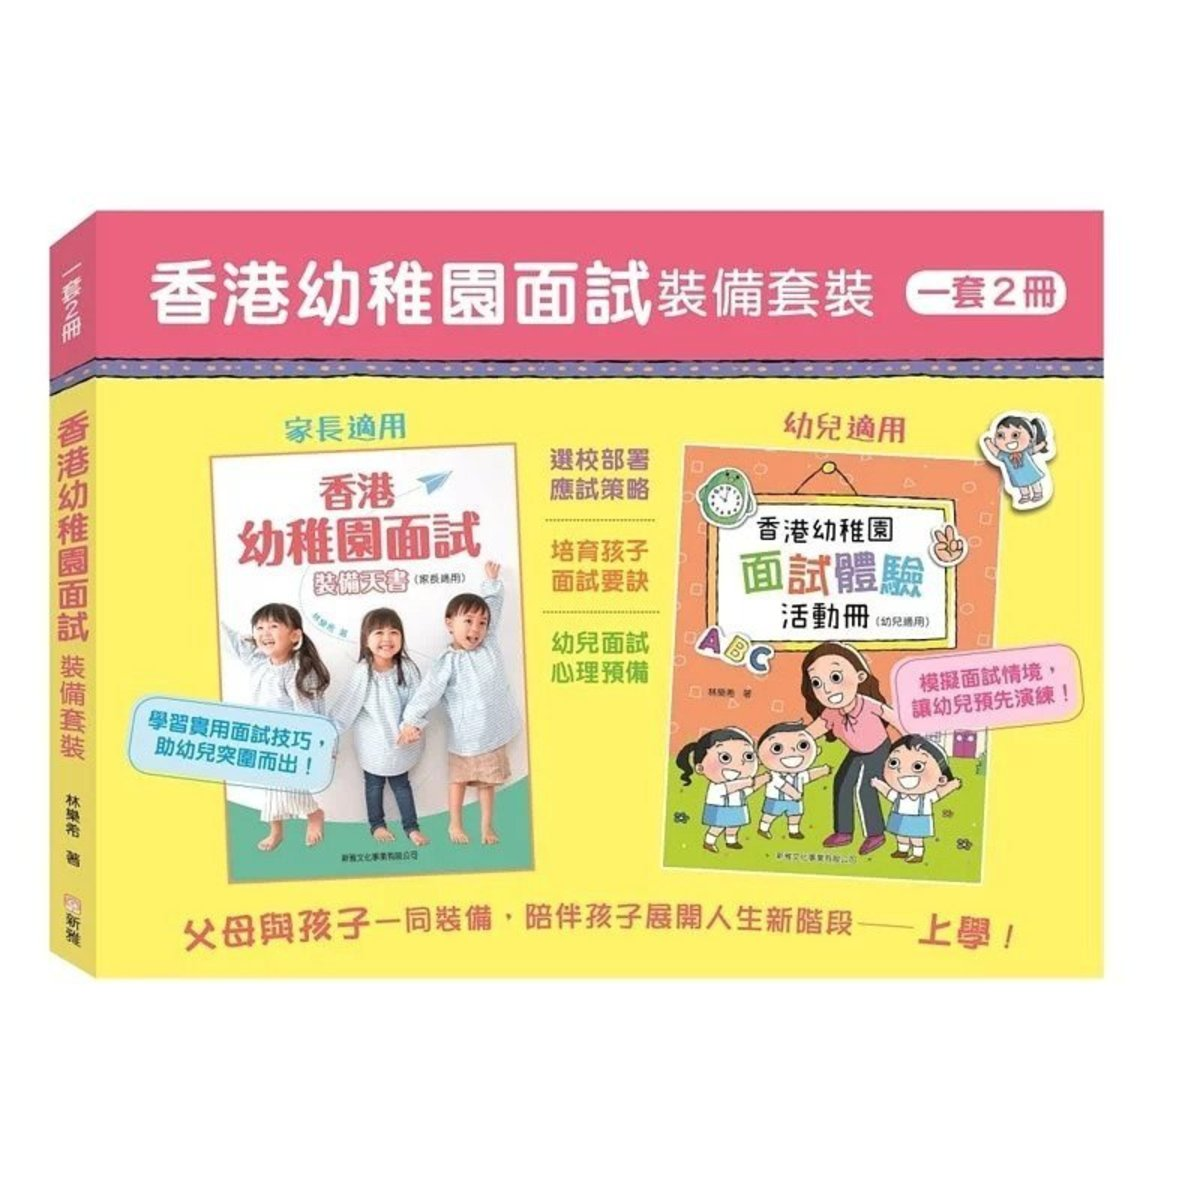 香港幼稚園面試裝備套裝